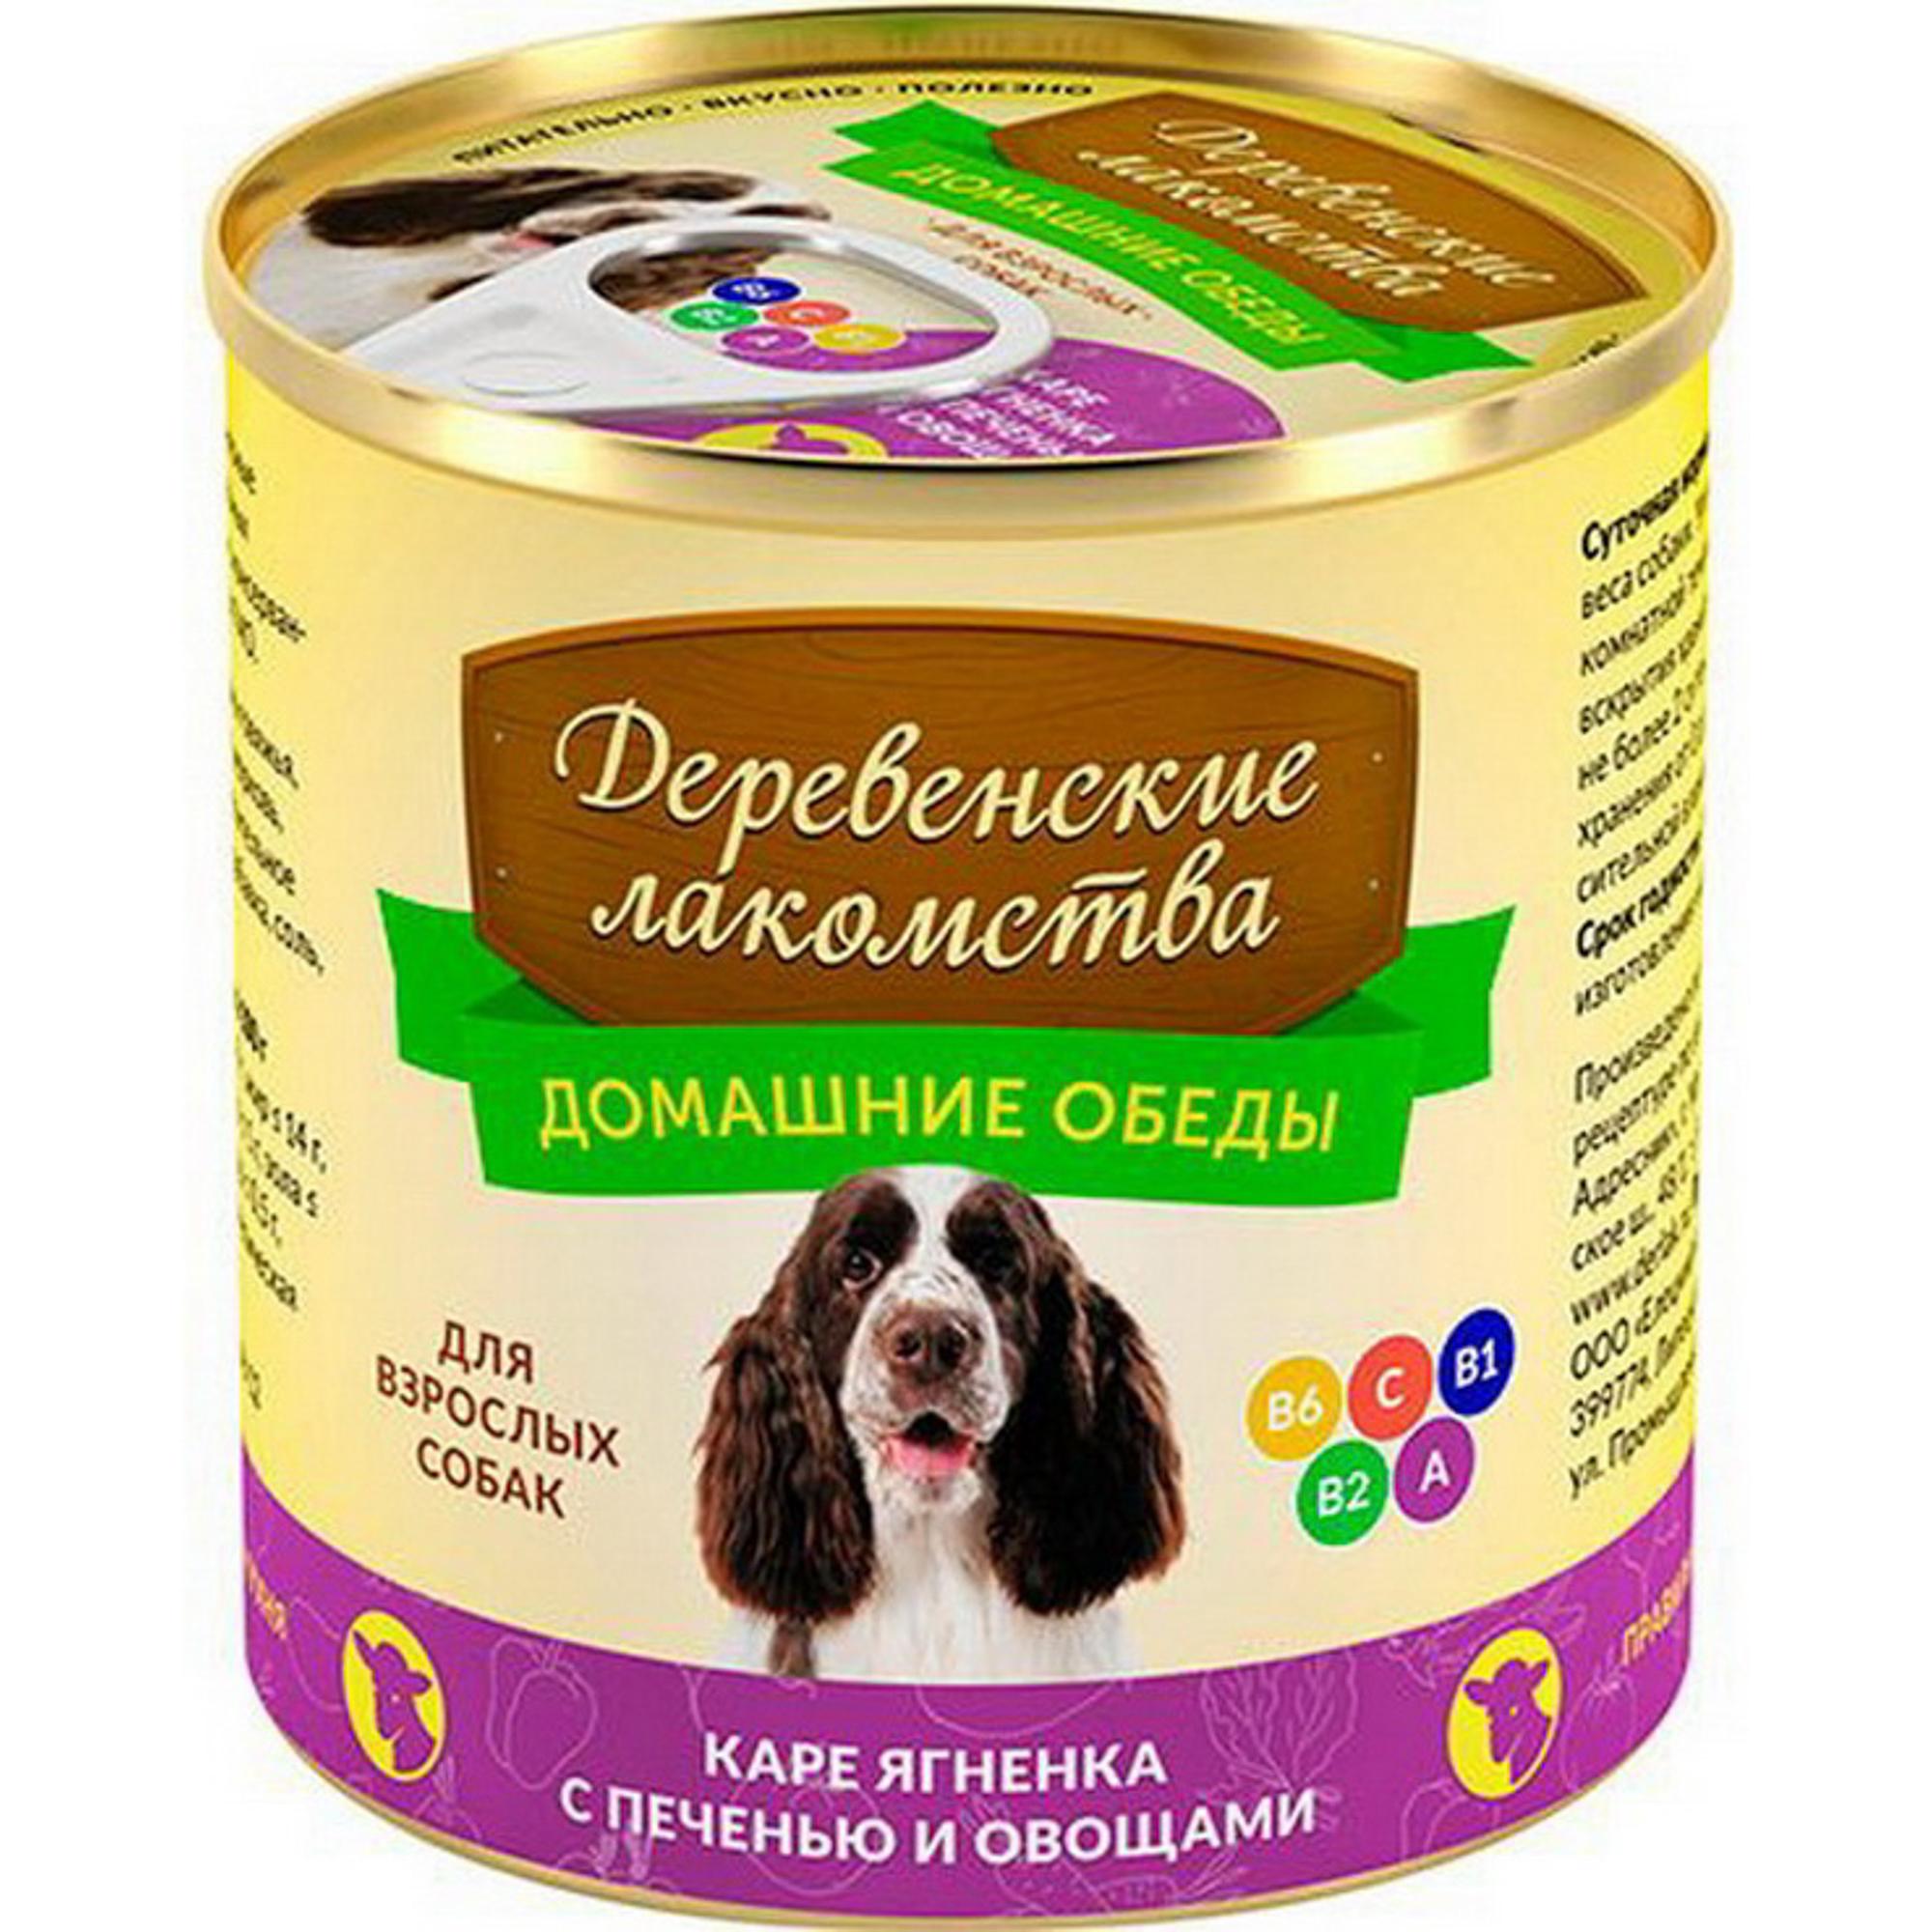 Корм для собак Деревенские лакомства Домашние обеды каре ягненка с печенью и овощами 240 г